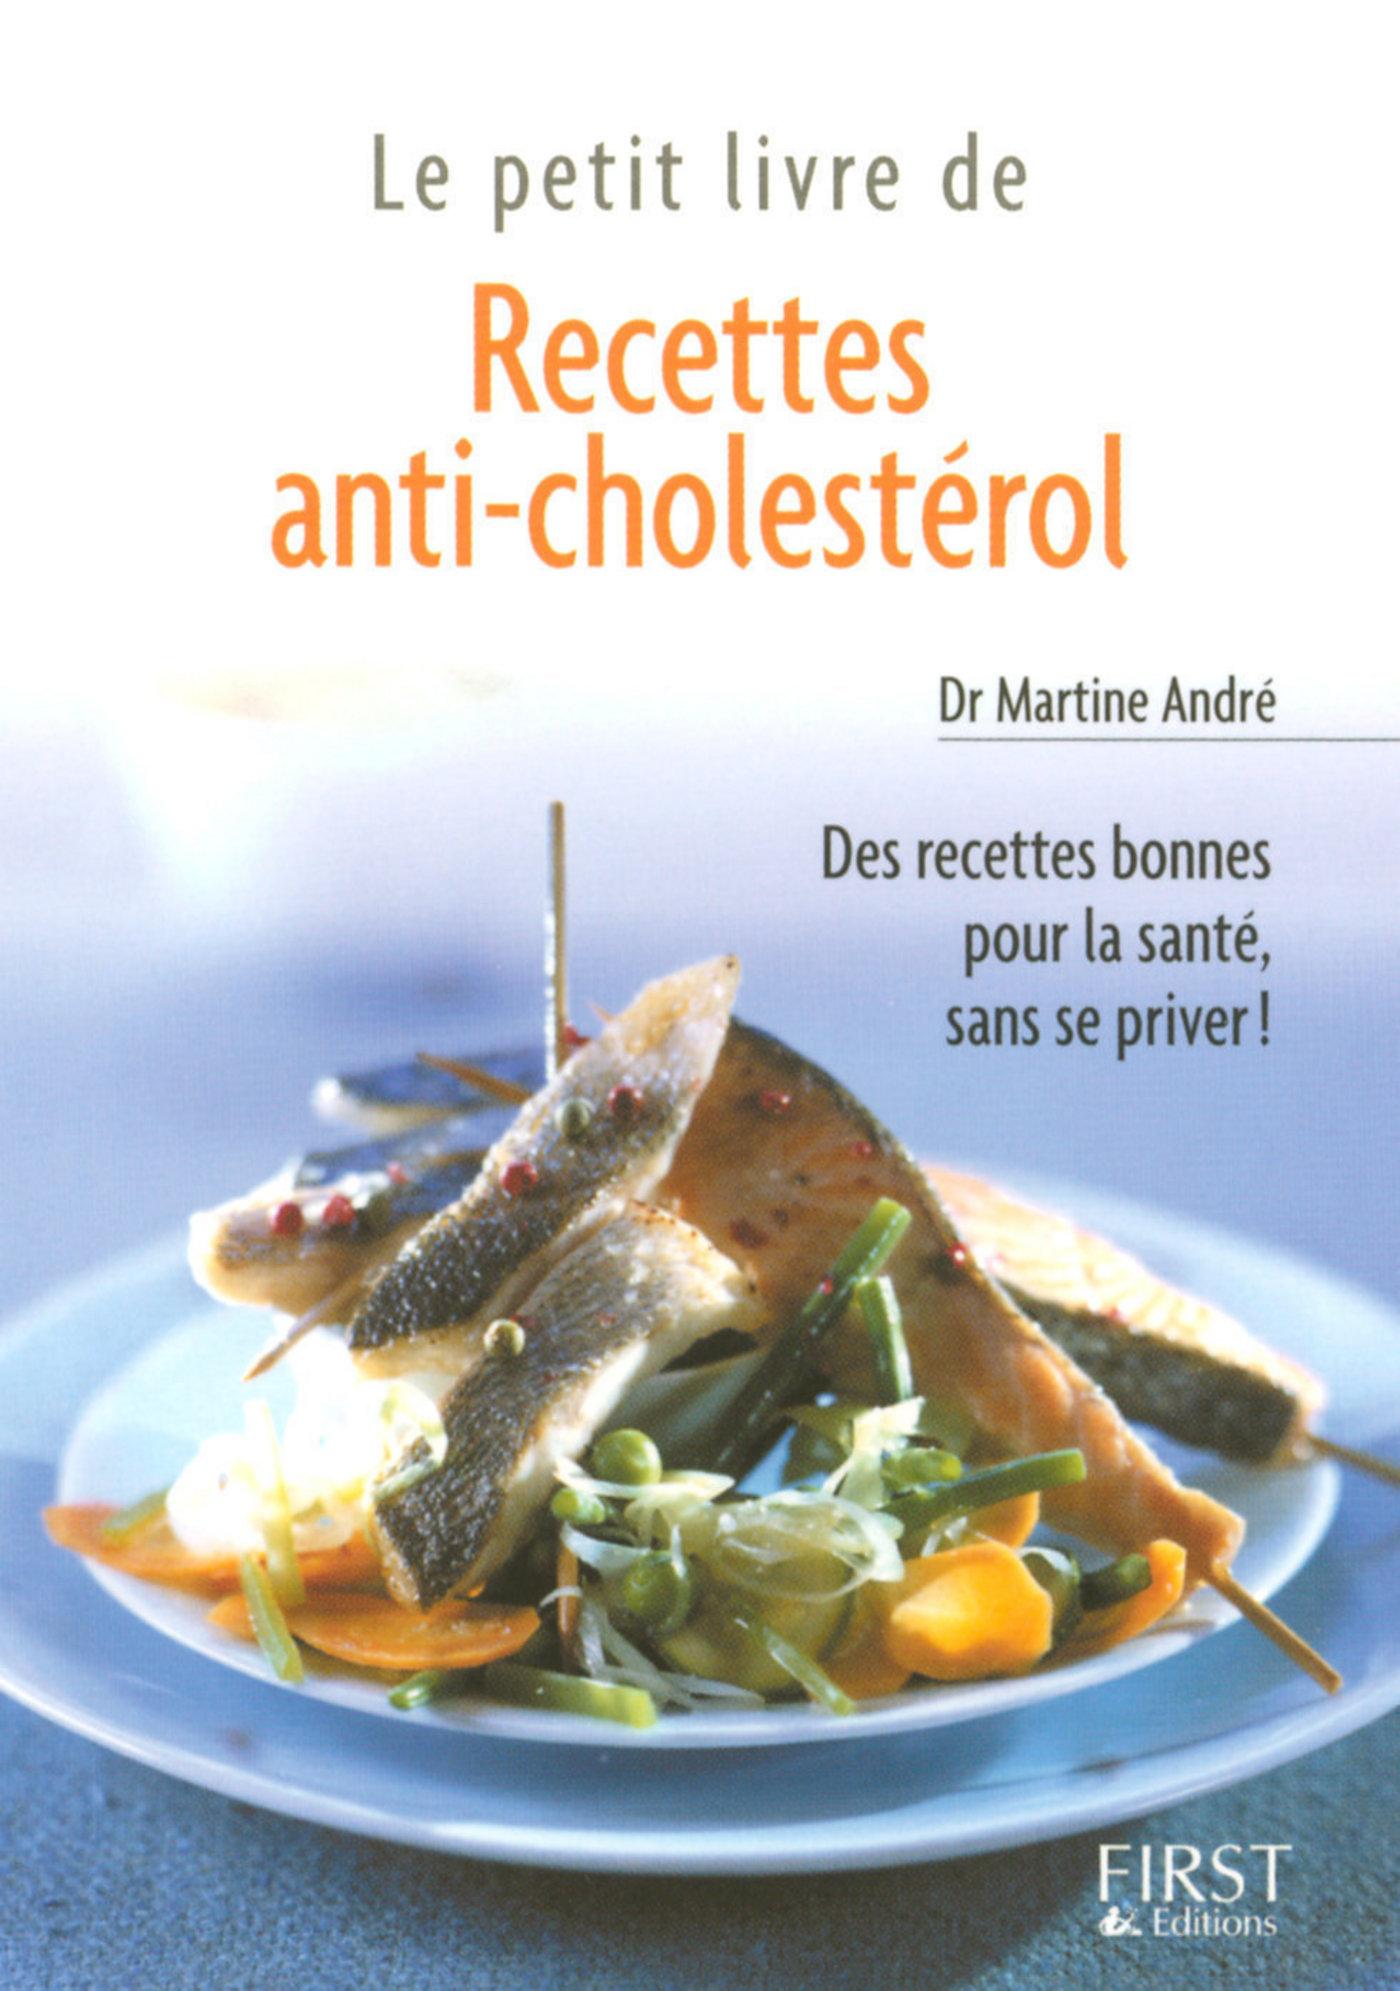 Petit livre de - Recettes anti-cholestérol (ebook)